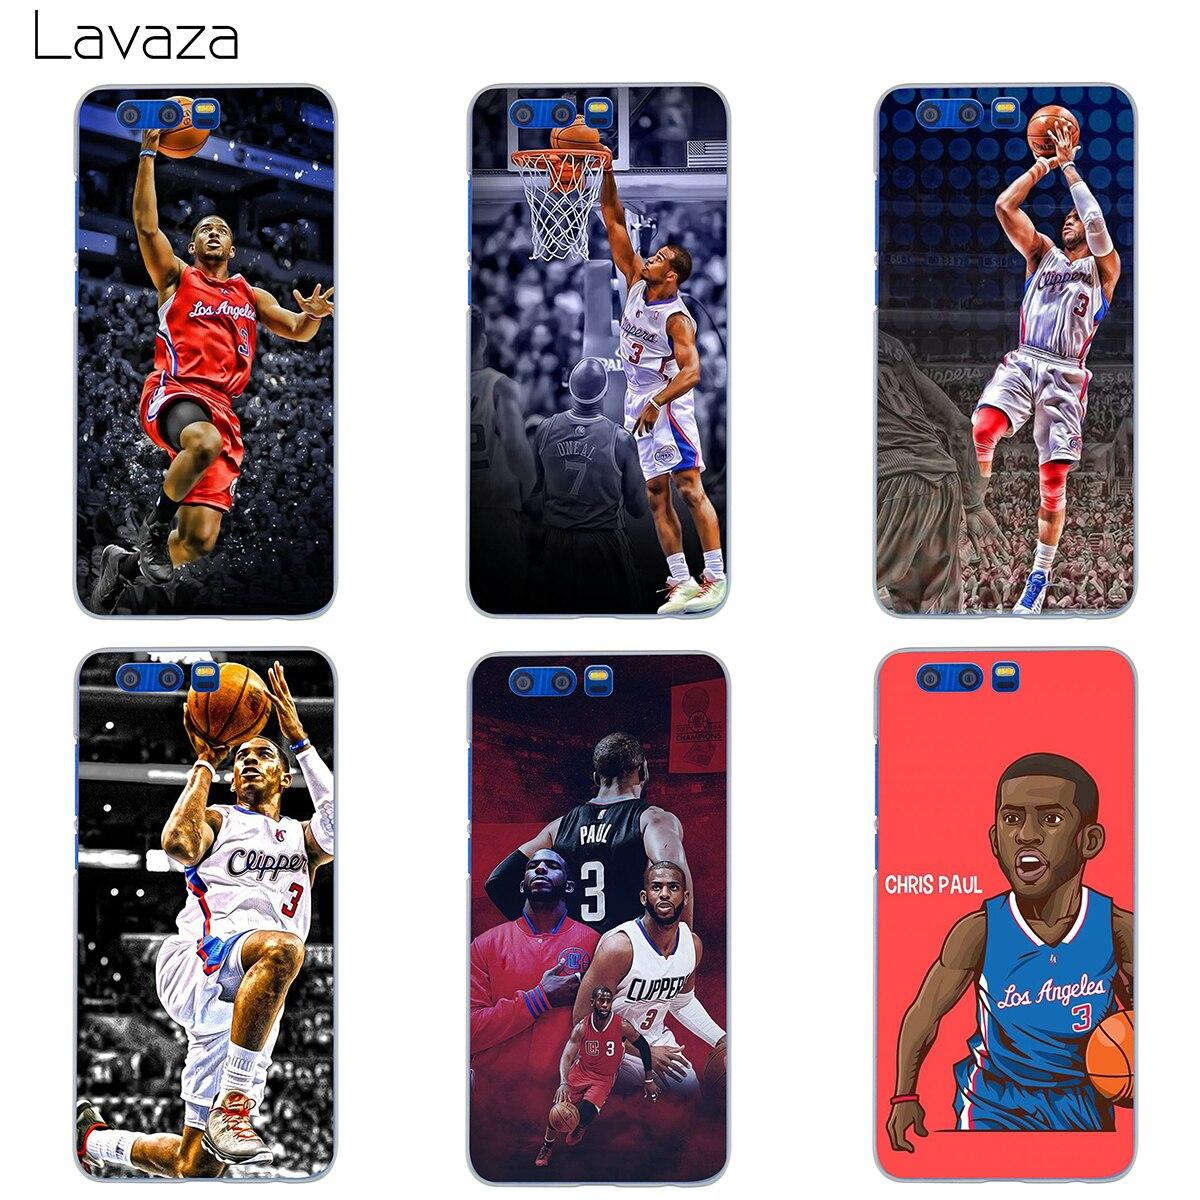 Lavaza Энтони Дэвис Блейк Кармело Энтони Крис Пол чехол для Huawei Honor Y3 Y5 II Y6 Y7 6 6a 7X8 9 lite 2017